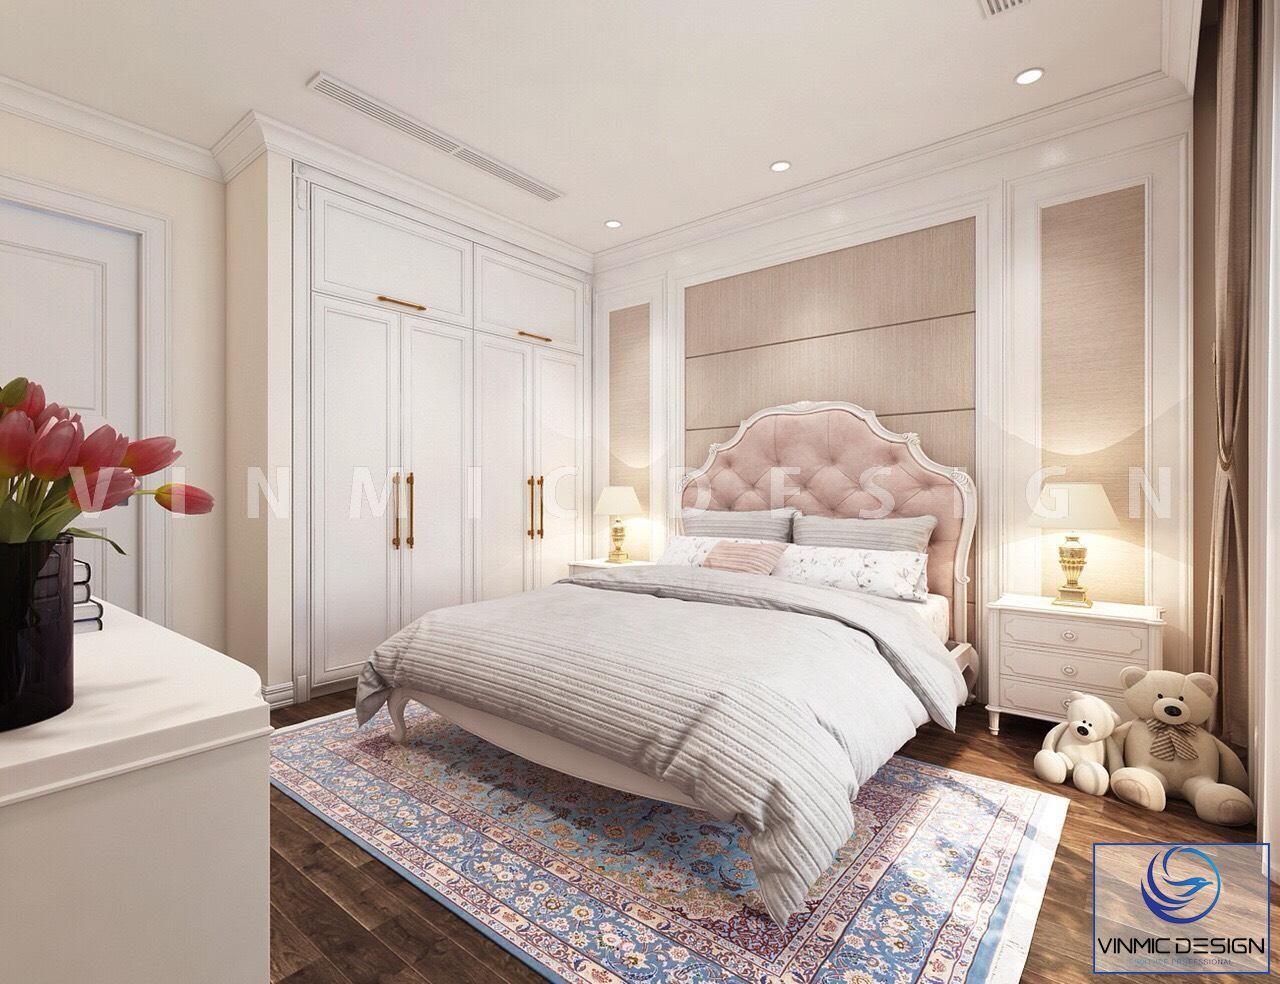 Căn phòng được thiết kế phong cách tân cổ điển nhẹ nhàng, sang trọng tại biệt thự Vinhomes Imperia Hải Phòng